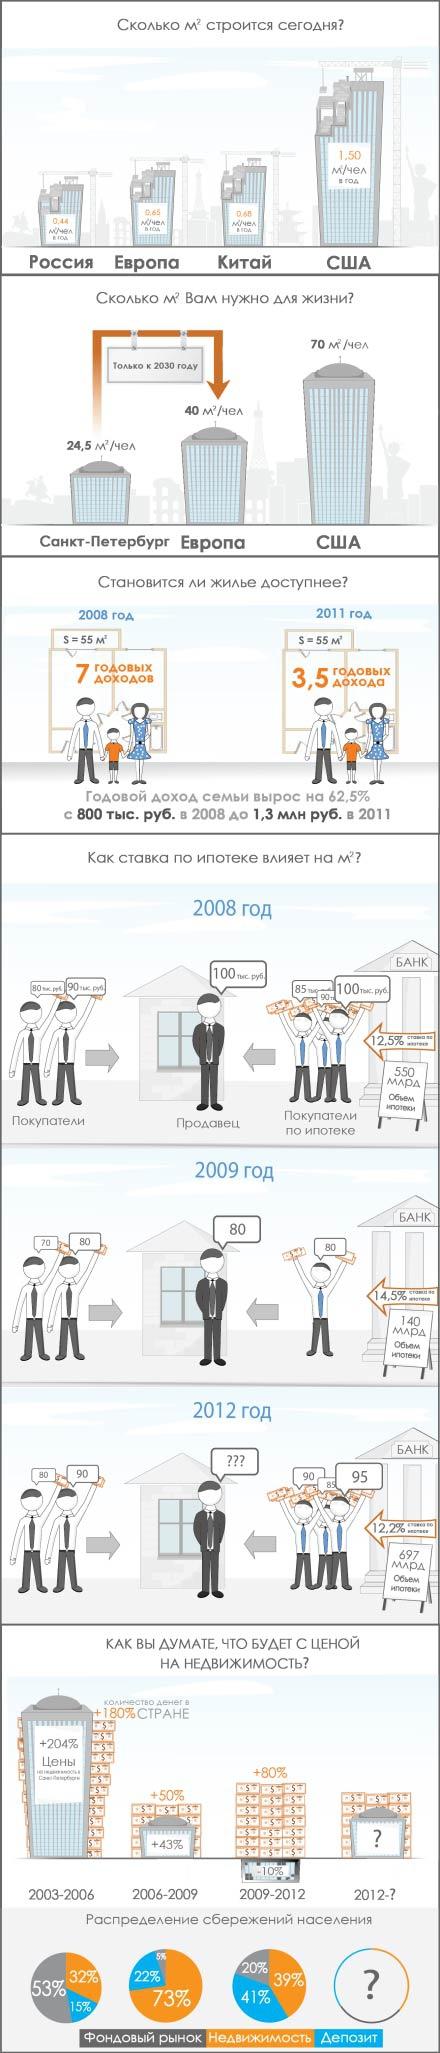 Сравнение доступности жилья